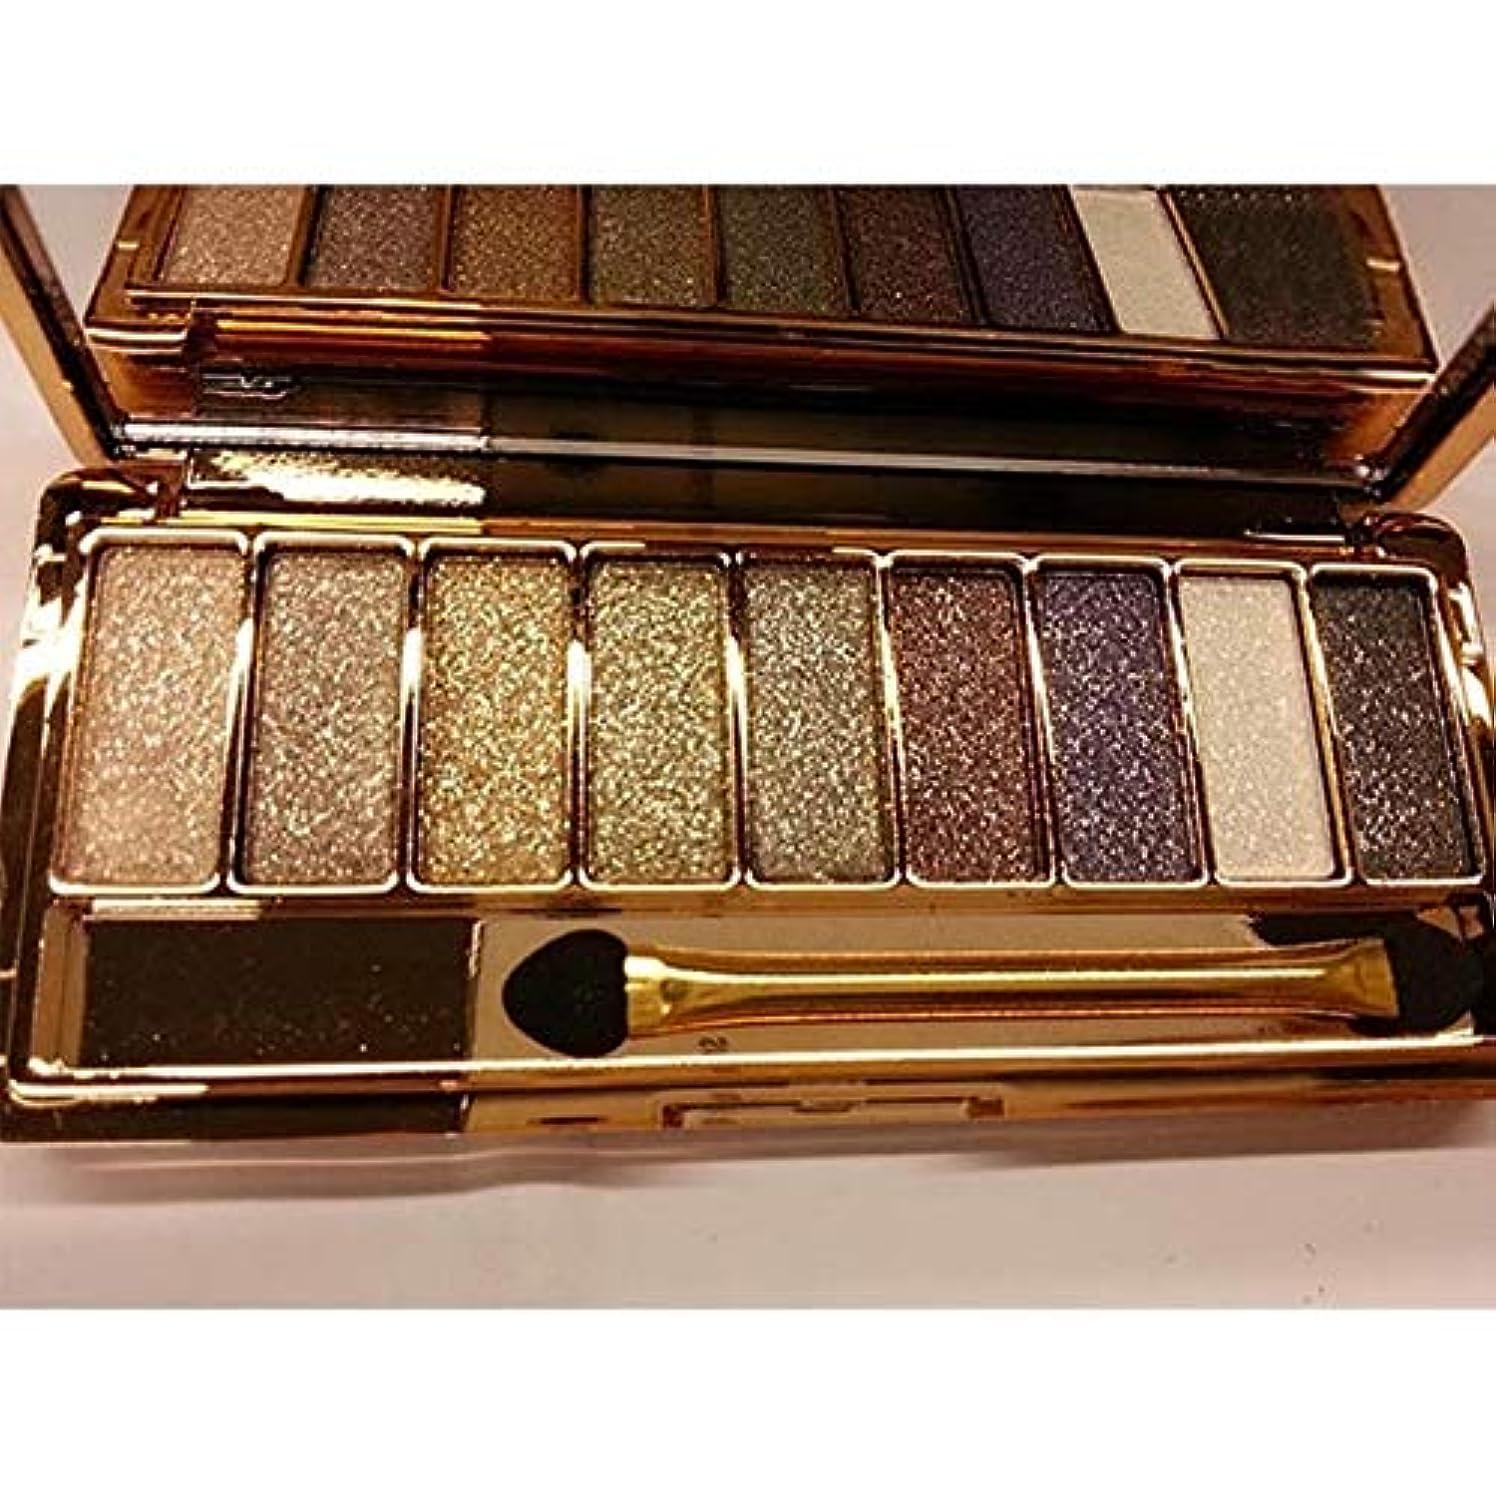 冷酷な注文マークダウン健康と美容アイシャドウ 3 PCS 9色アイシャドウパレットグリッターマットアイシャドウパレット(LPP001229-1) 化粧 (色 : LPP001229-3)